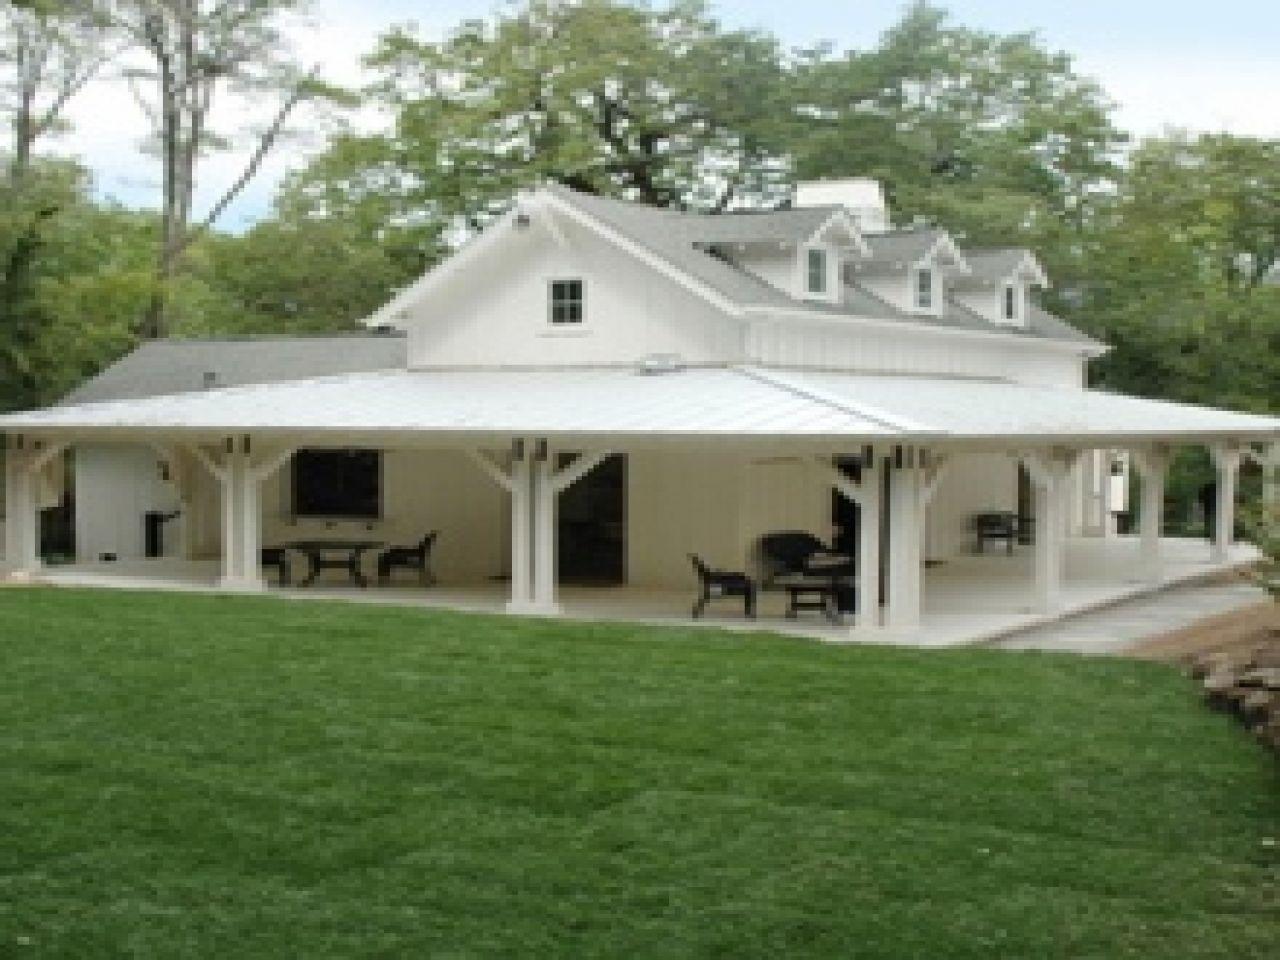 10 Coolest Farmhouse Plans For Your Inspiration Small Farmhouse Plans House Plans Farmhouse Farmhouse Floor Plans